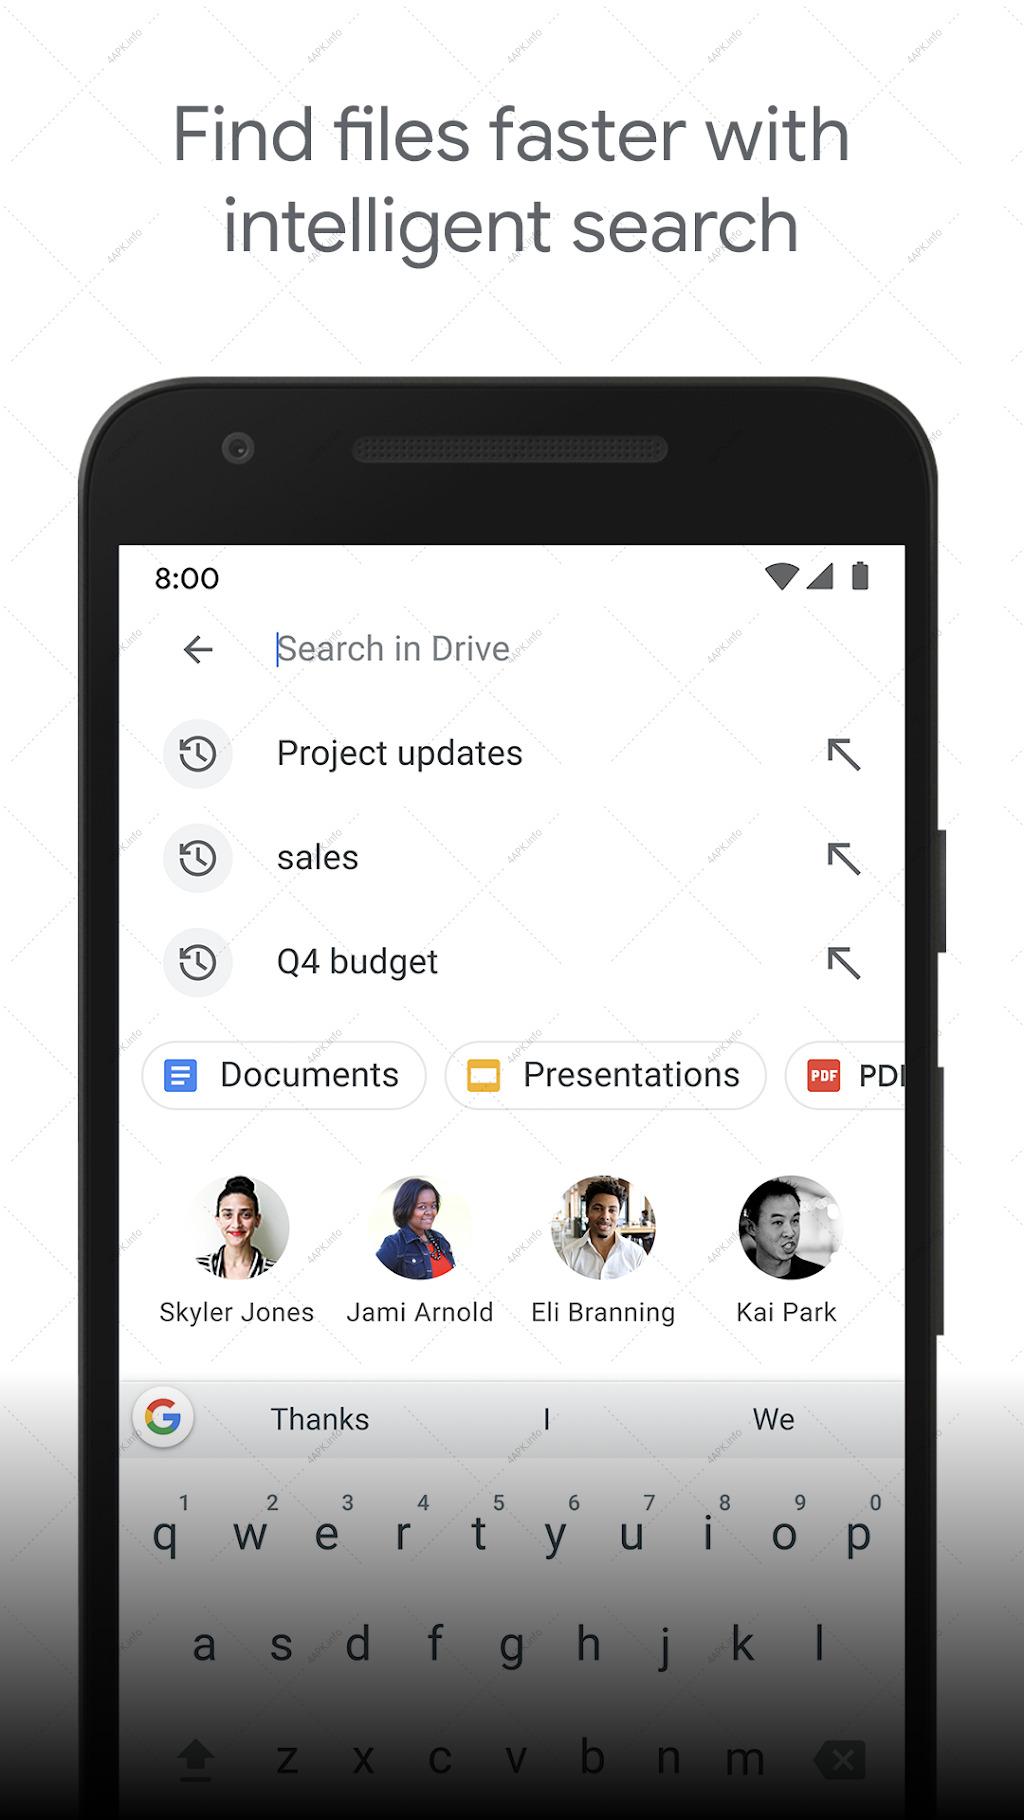 Скачать бесплатное приложение google диск скачать бесплатно программу video dub